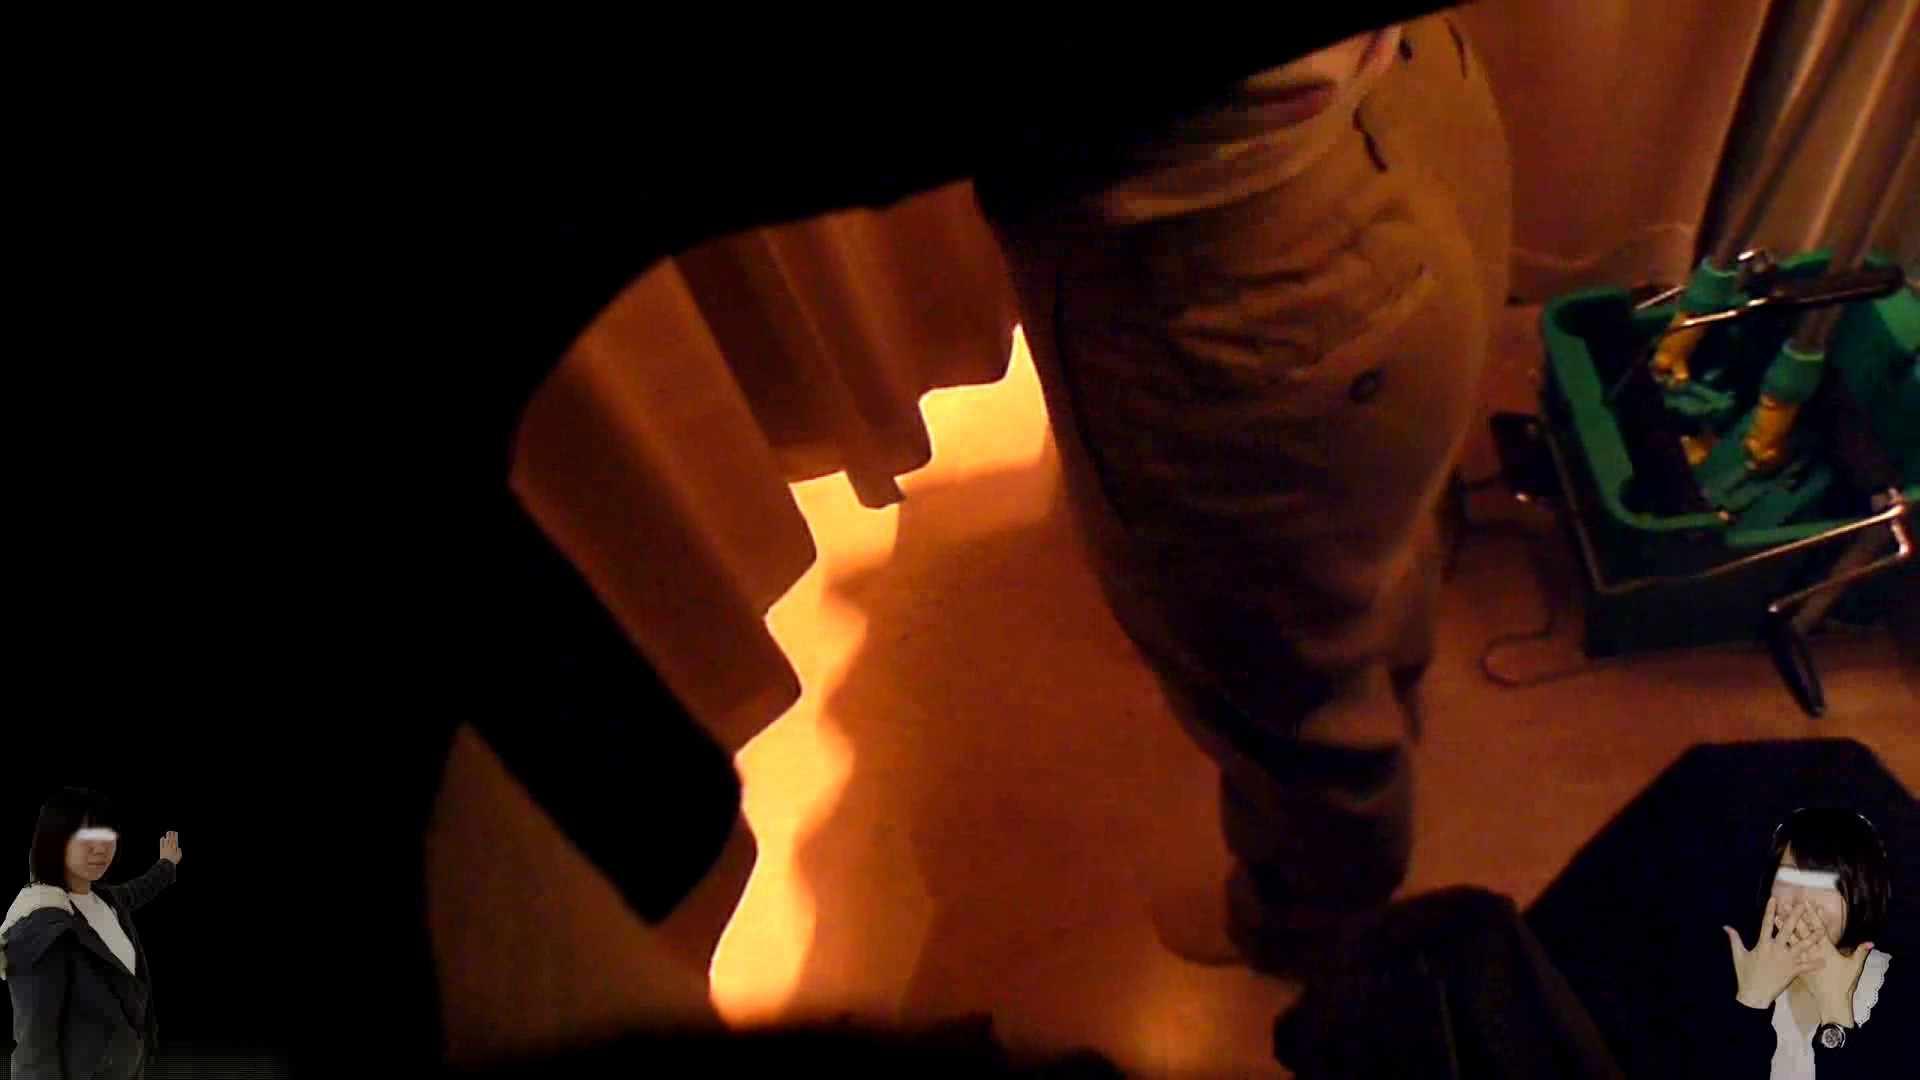 素人投稿 現役「JD」Eちゃんの着替え Vol.04 女子着替え | 投稿  65pic 24